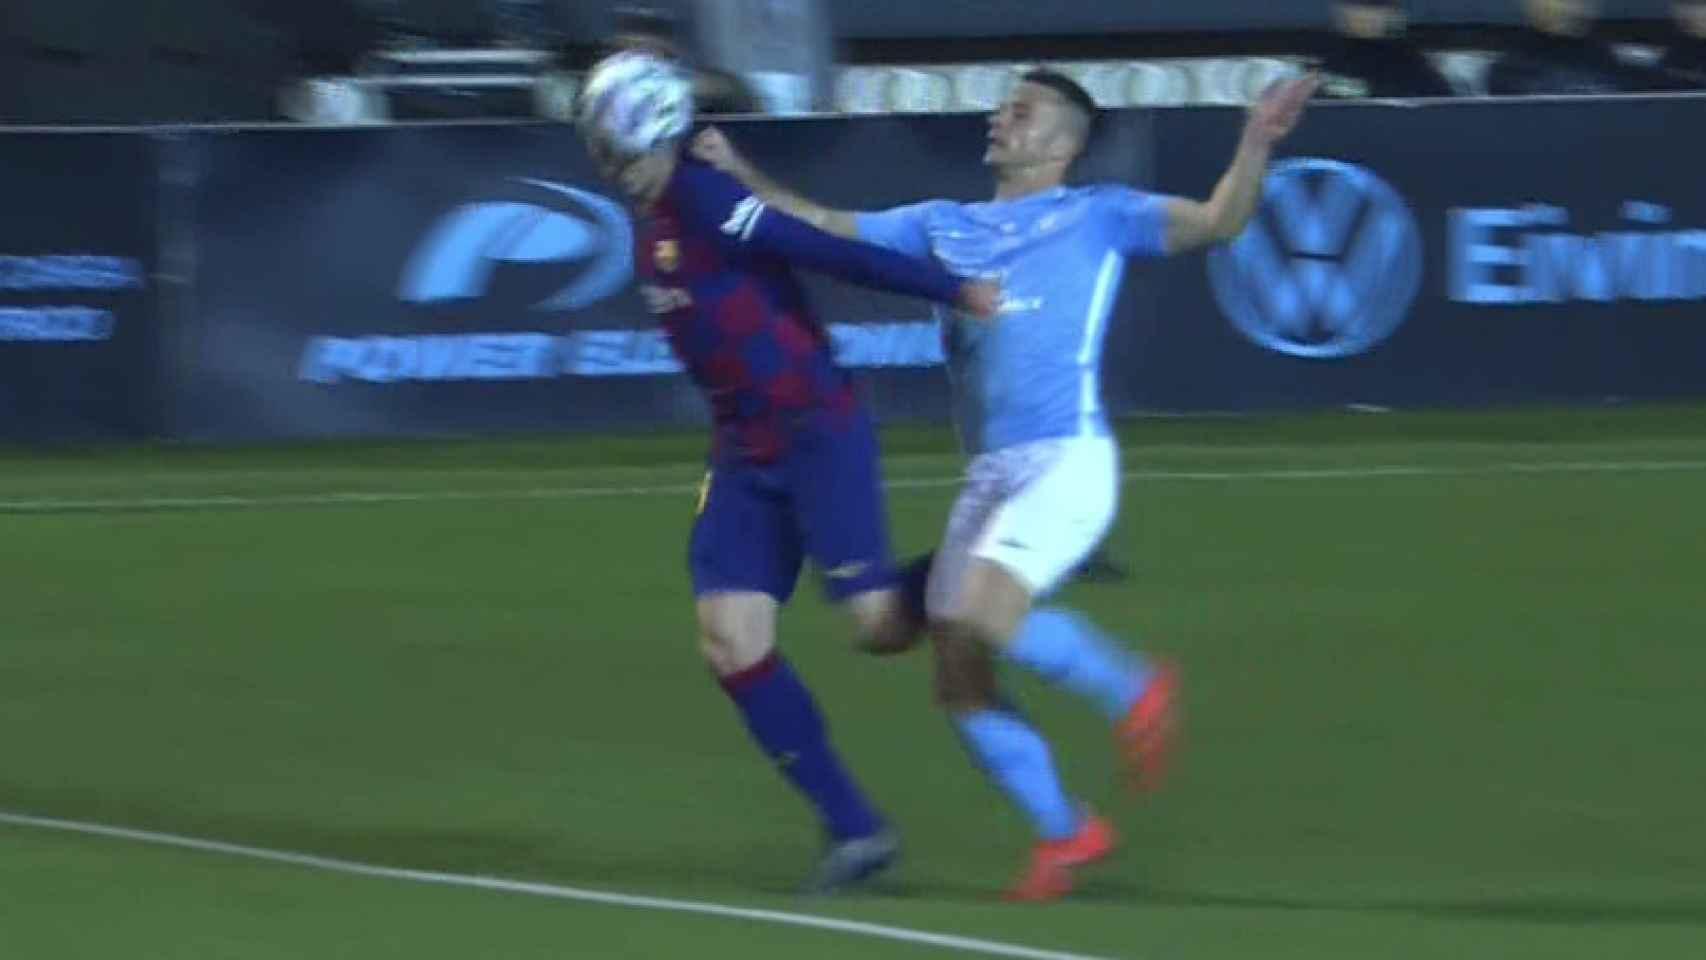 Falta de Rodado sobre Lenglet en el UD Ibiza - FC Barcelona de la Copa del Rey